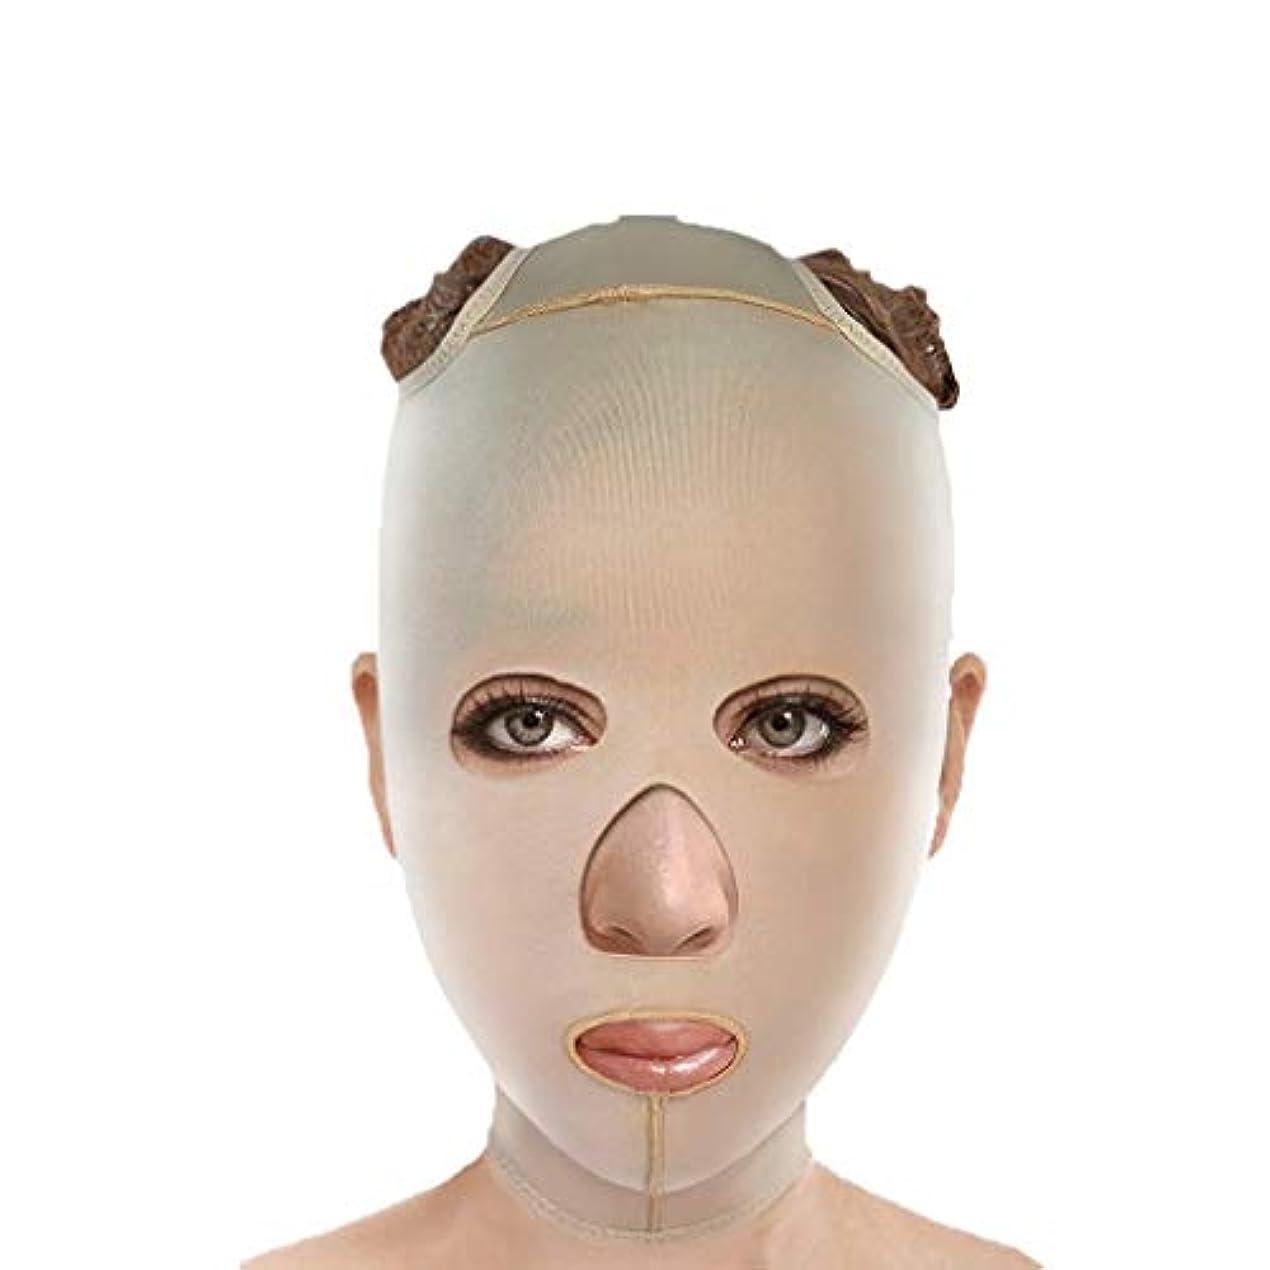 排除俳優ジョガーチンストラップ、フェイスリフティング、アンチエイジングフェイシャル包帯、フェイシャル減量マスク、ファーミングマスク、フェイシャルリフティングアーティファクト(サイズ:S),ザ?